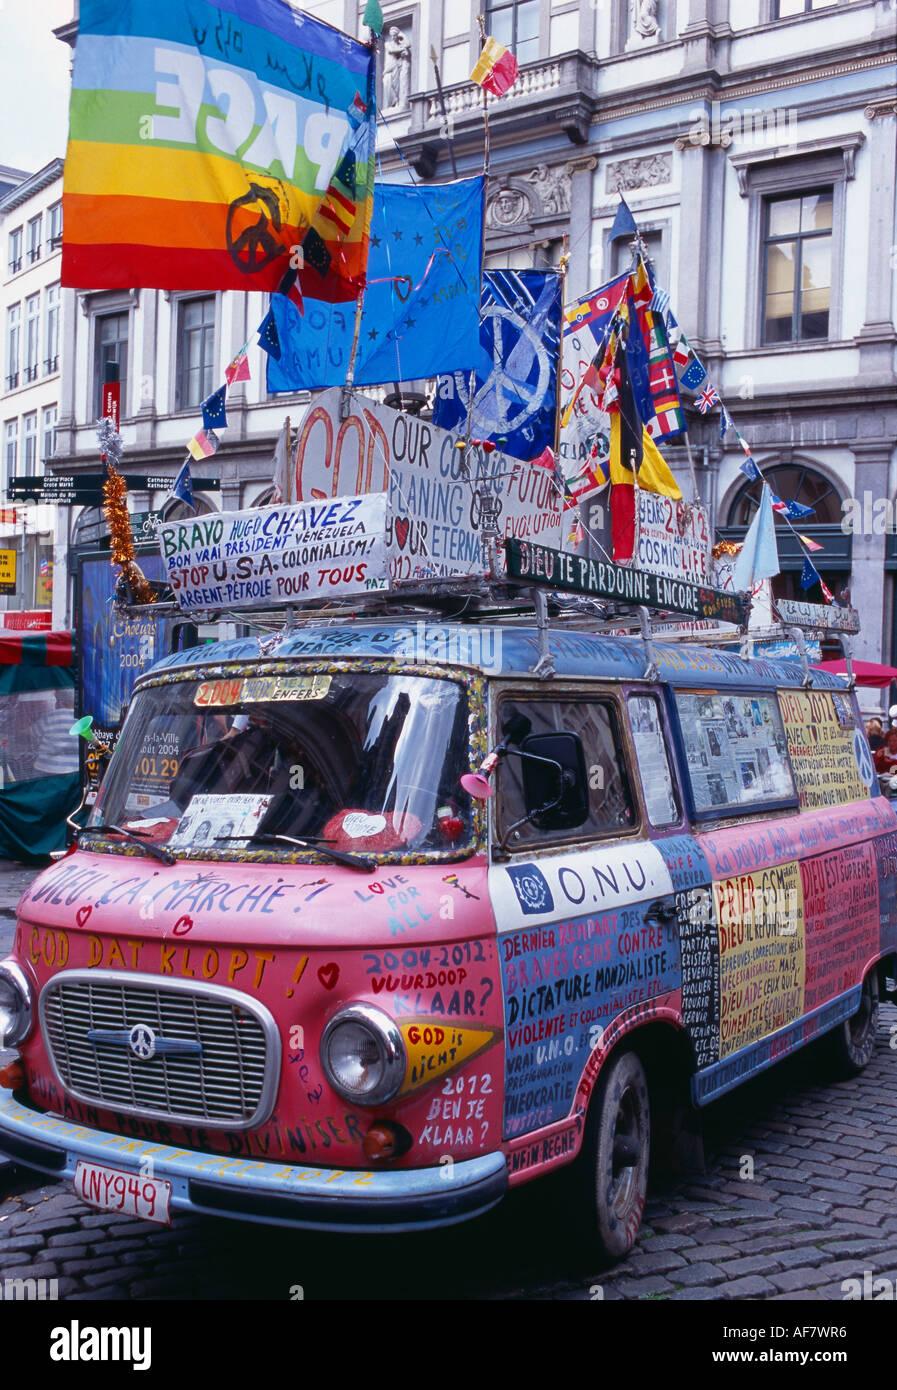 protesters campervan alternative travellers VW van nr Grand Place Brussels Belgium - Stock Image